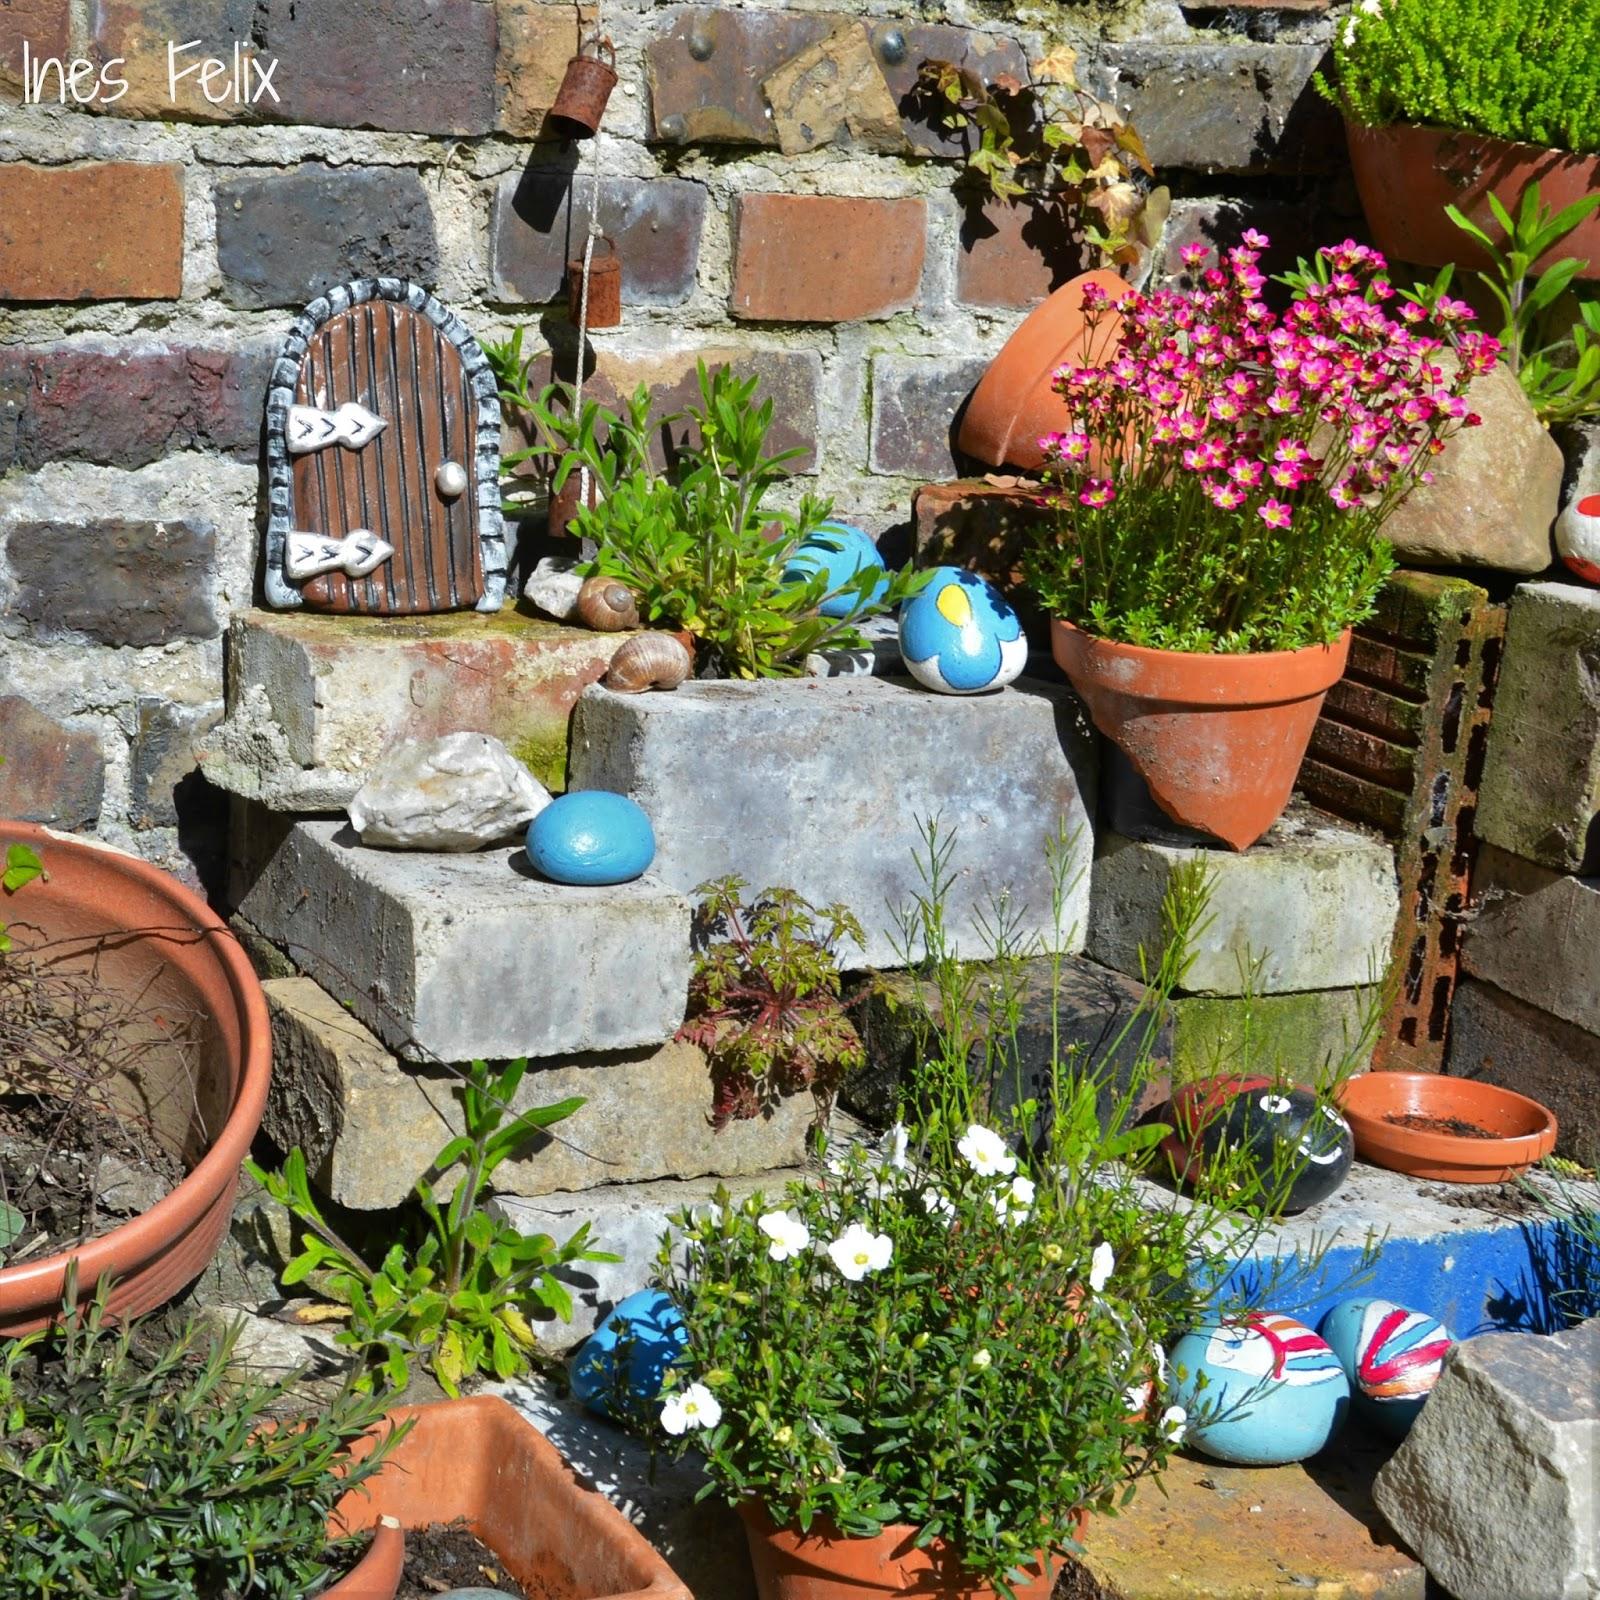 Schön Pflanzen Für Steinbeet Ideen